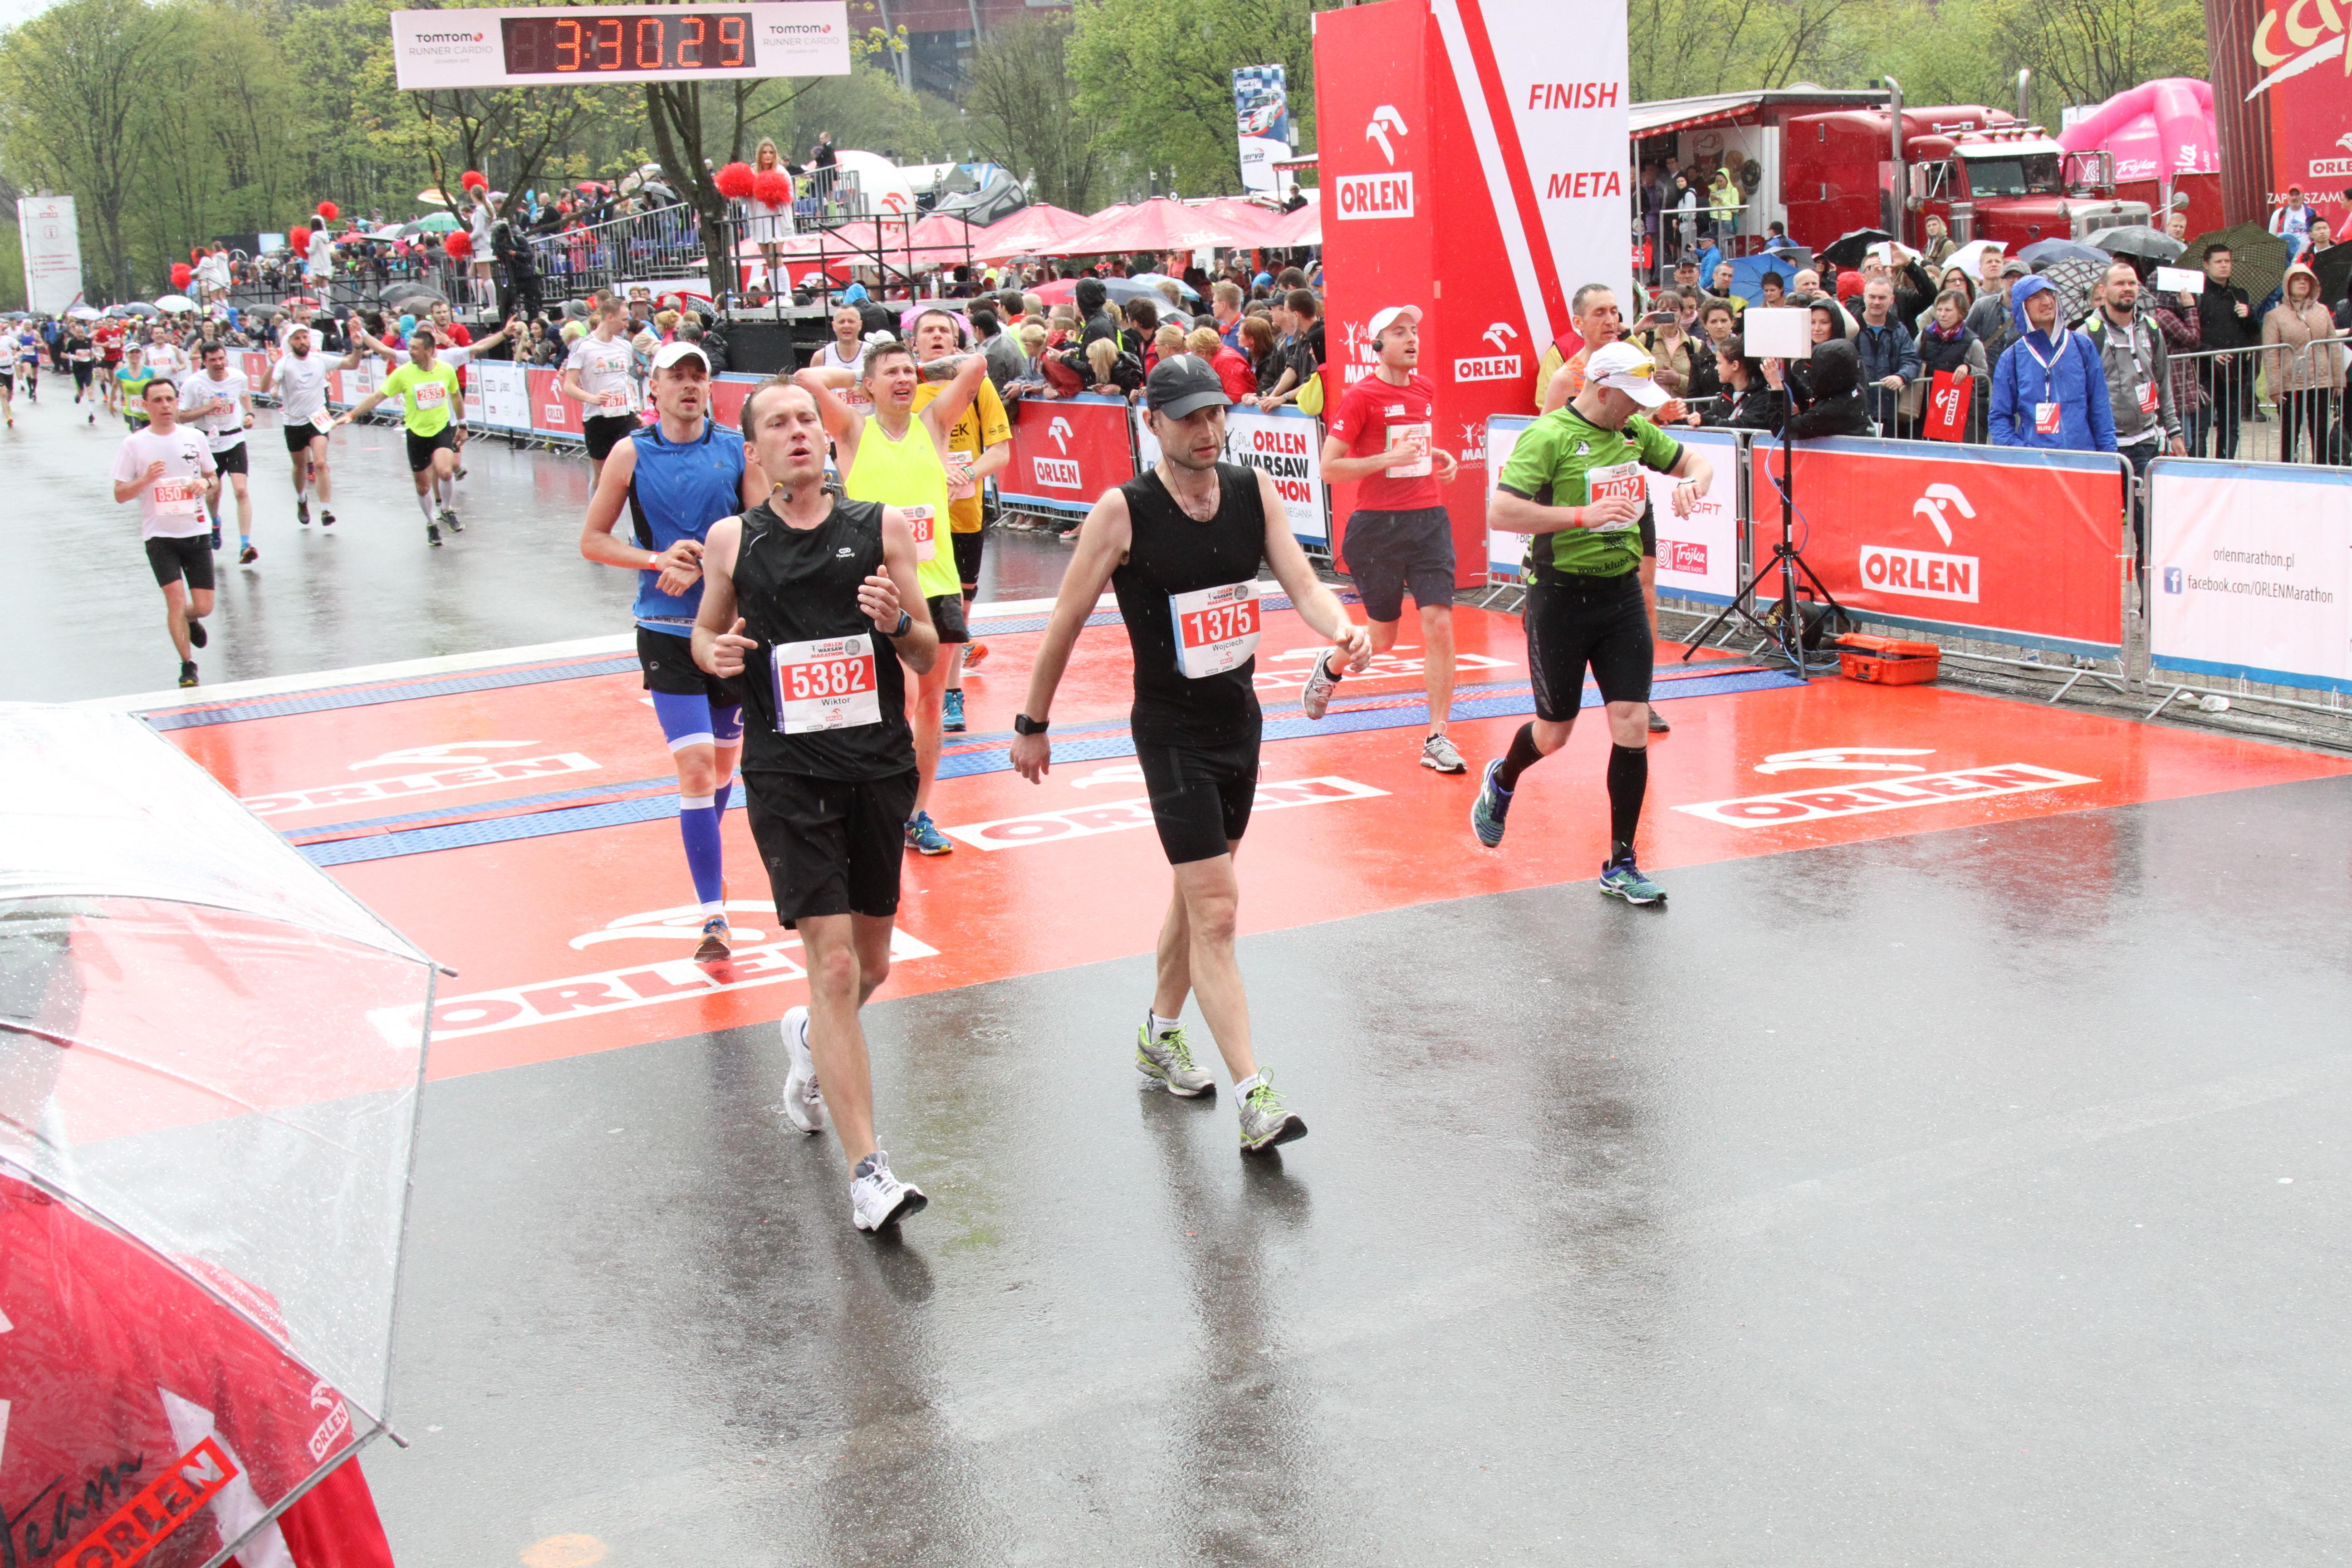 Orlen-warszaw-Marathon-bieg-finisz-2.jpg